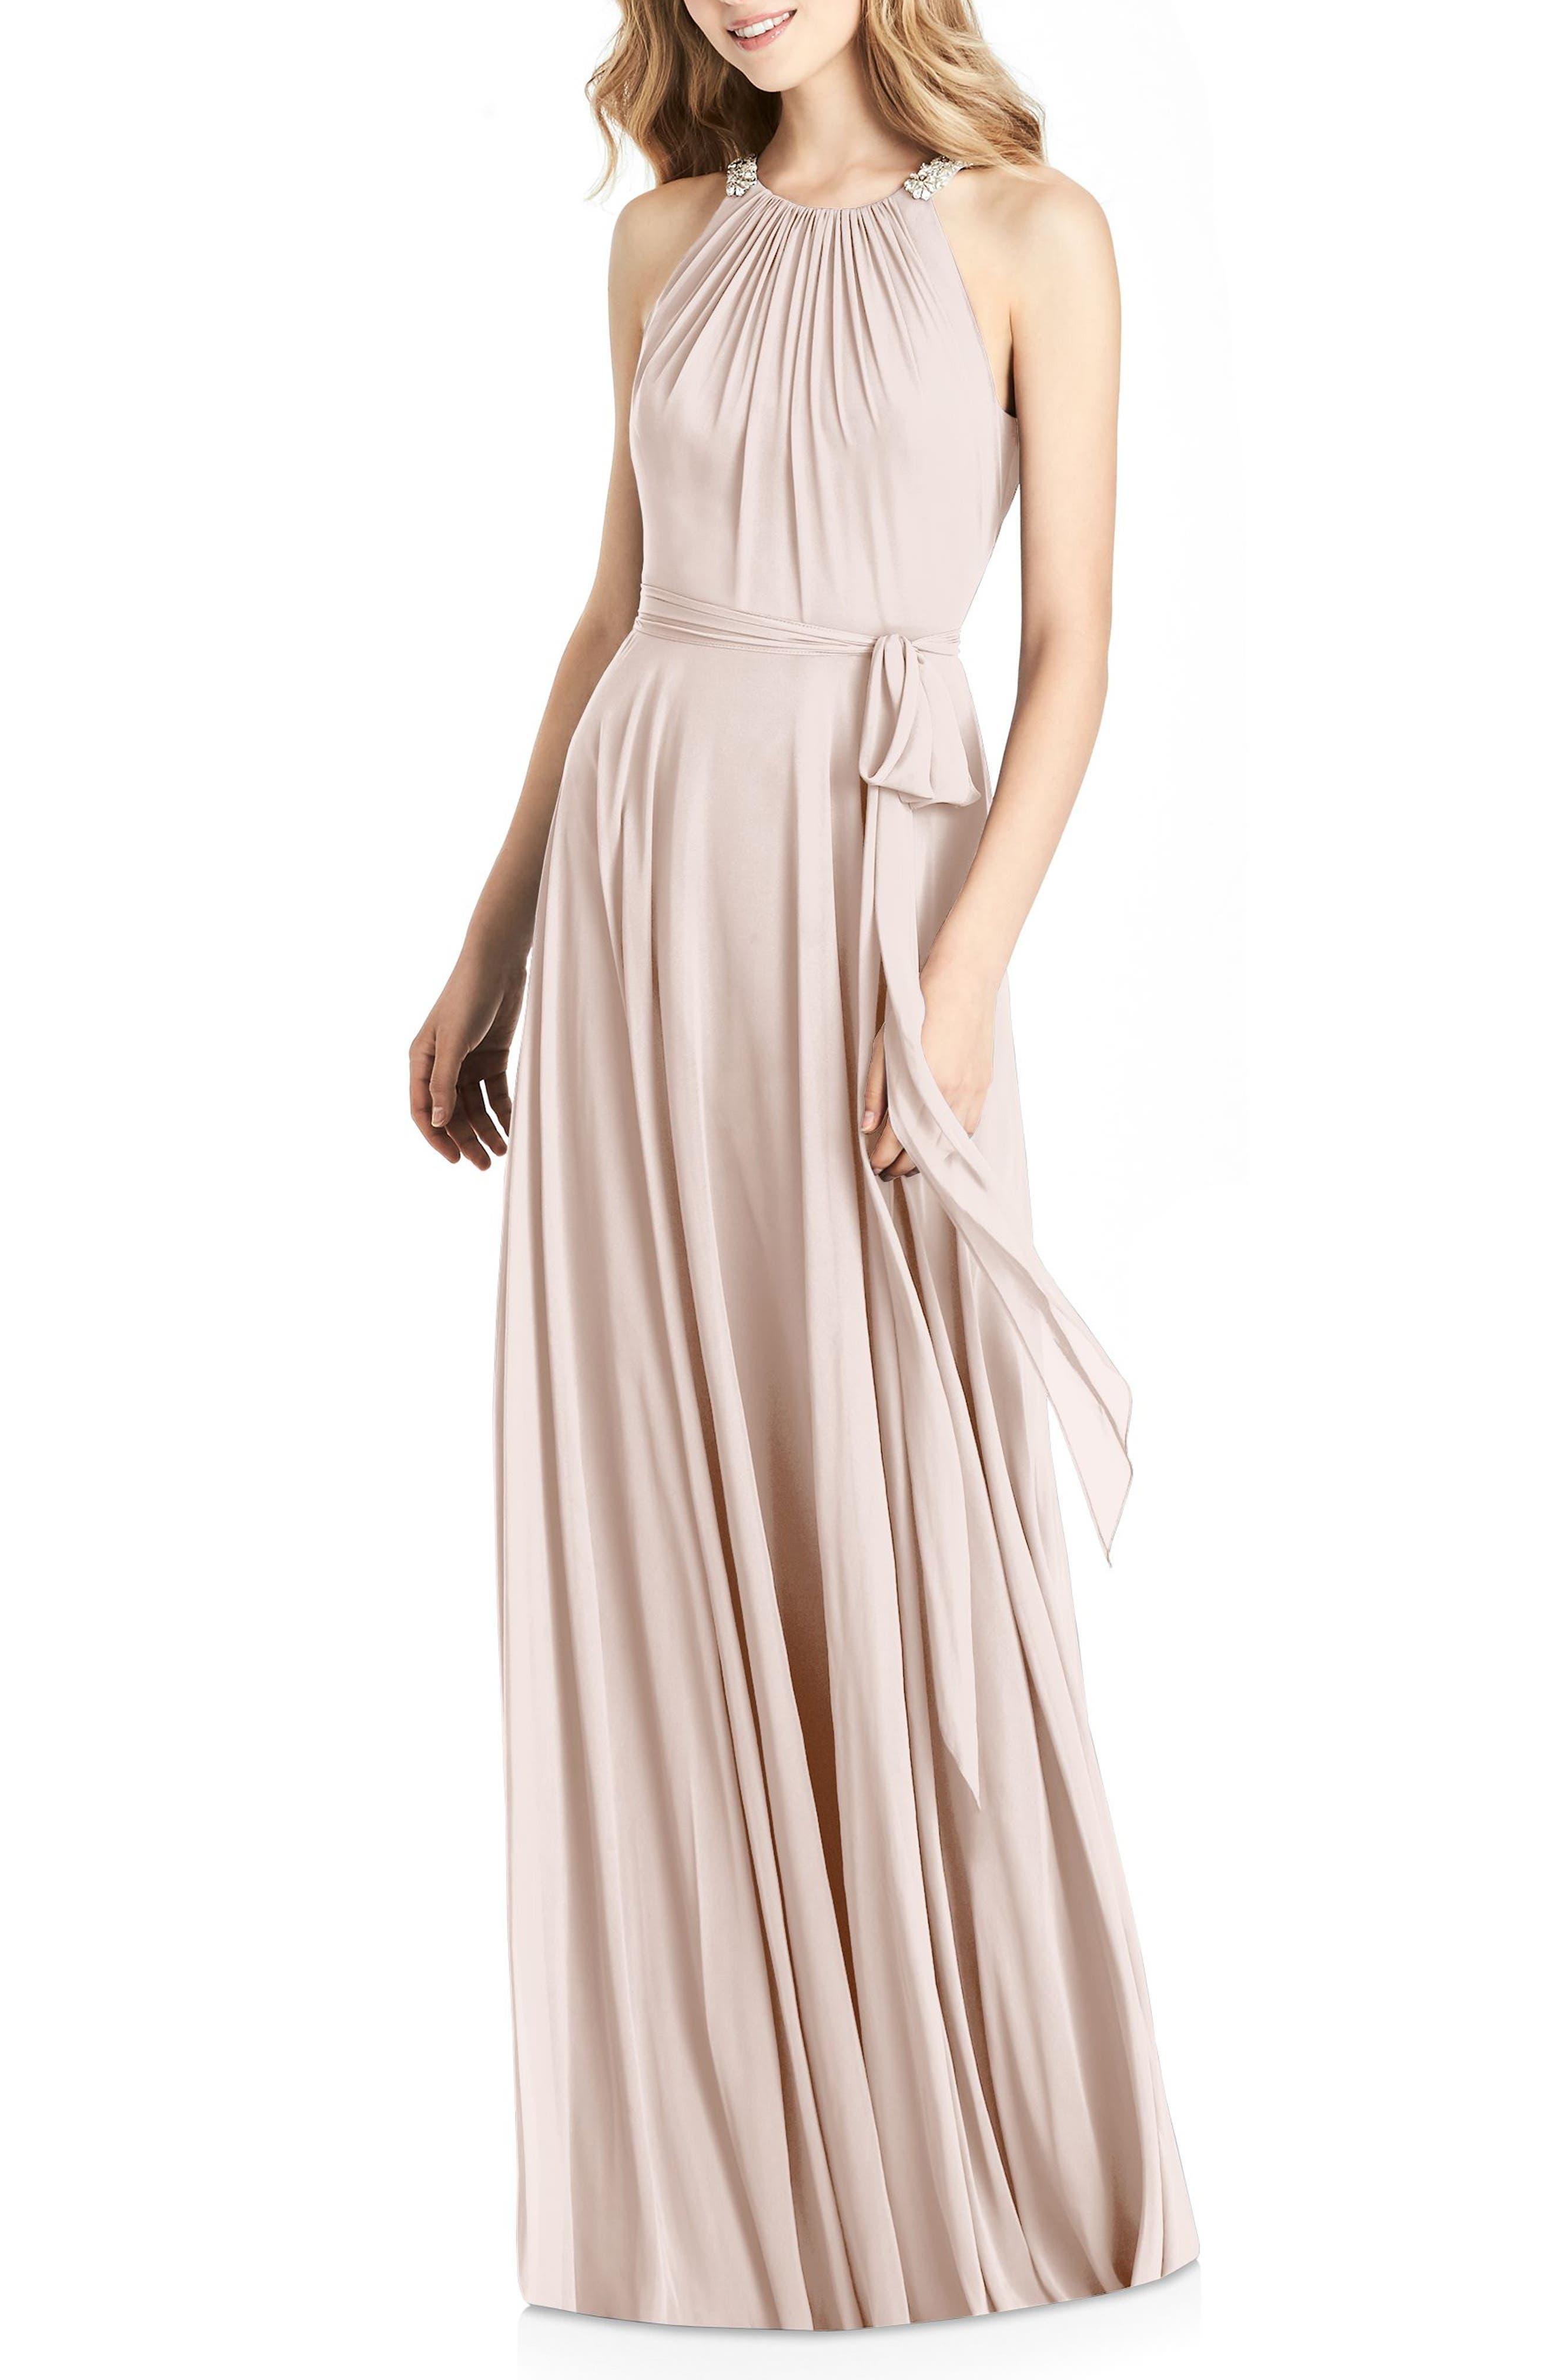 Jenny Packham Beaded Strap Chiffon Gown, Pink